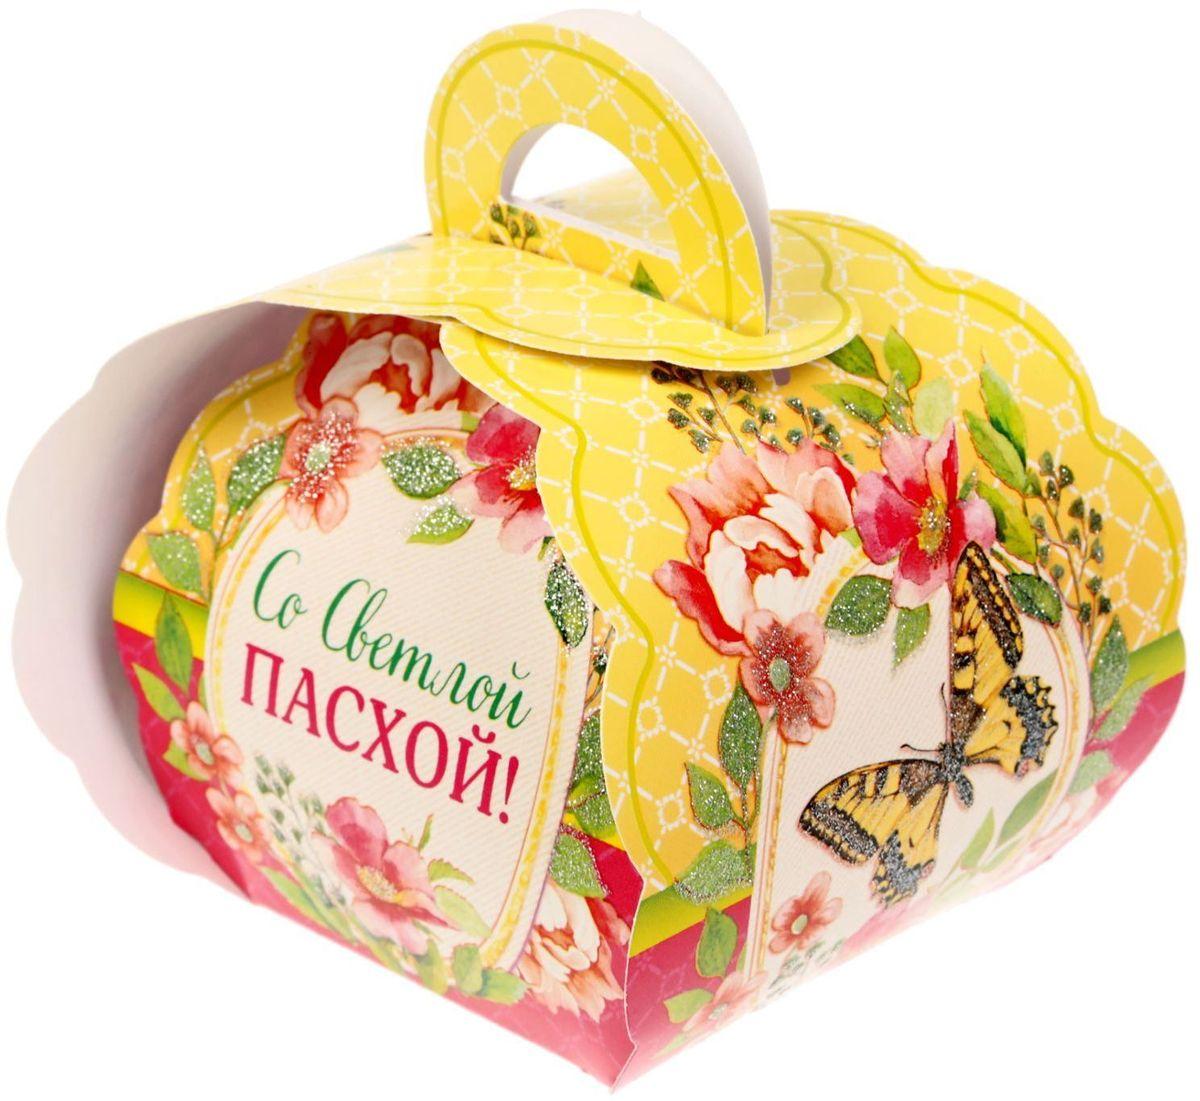 Коробочка подарочная для яйца Со Светлой Пасхой!. 17616131761613Коробочка подарочная для яйца — новое веяние в мире подарочной упаковки.Представьте, как здорово будет преподнести родным и близким подарки в таком оформлении.Душевный дизайн в народном стиле и пасхальные символы никого не оставят равнодушным.Коробочка надёжна и легка в использовании. Согните её по линиям и положите внутрь заготовленный презент.Благодаря удобной ручке изделие удобно переносить. Размер заготовки: 13,4 х 26,2 см.